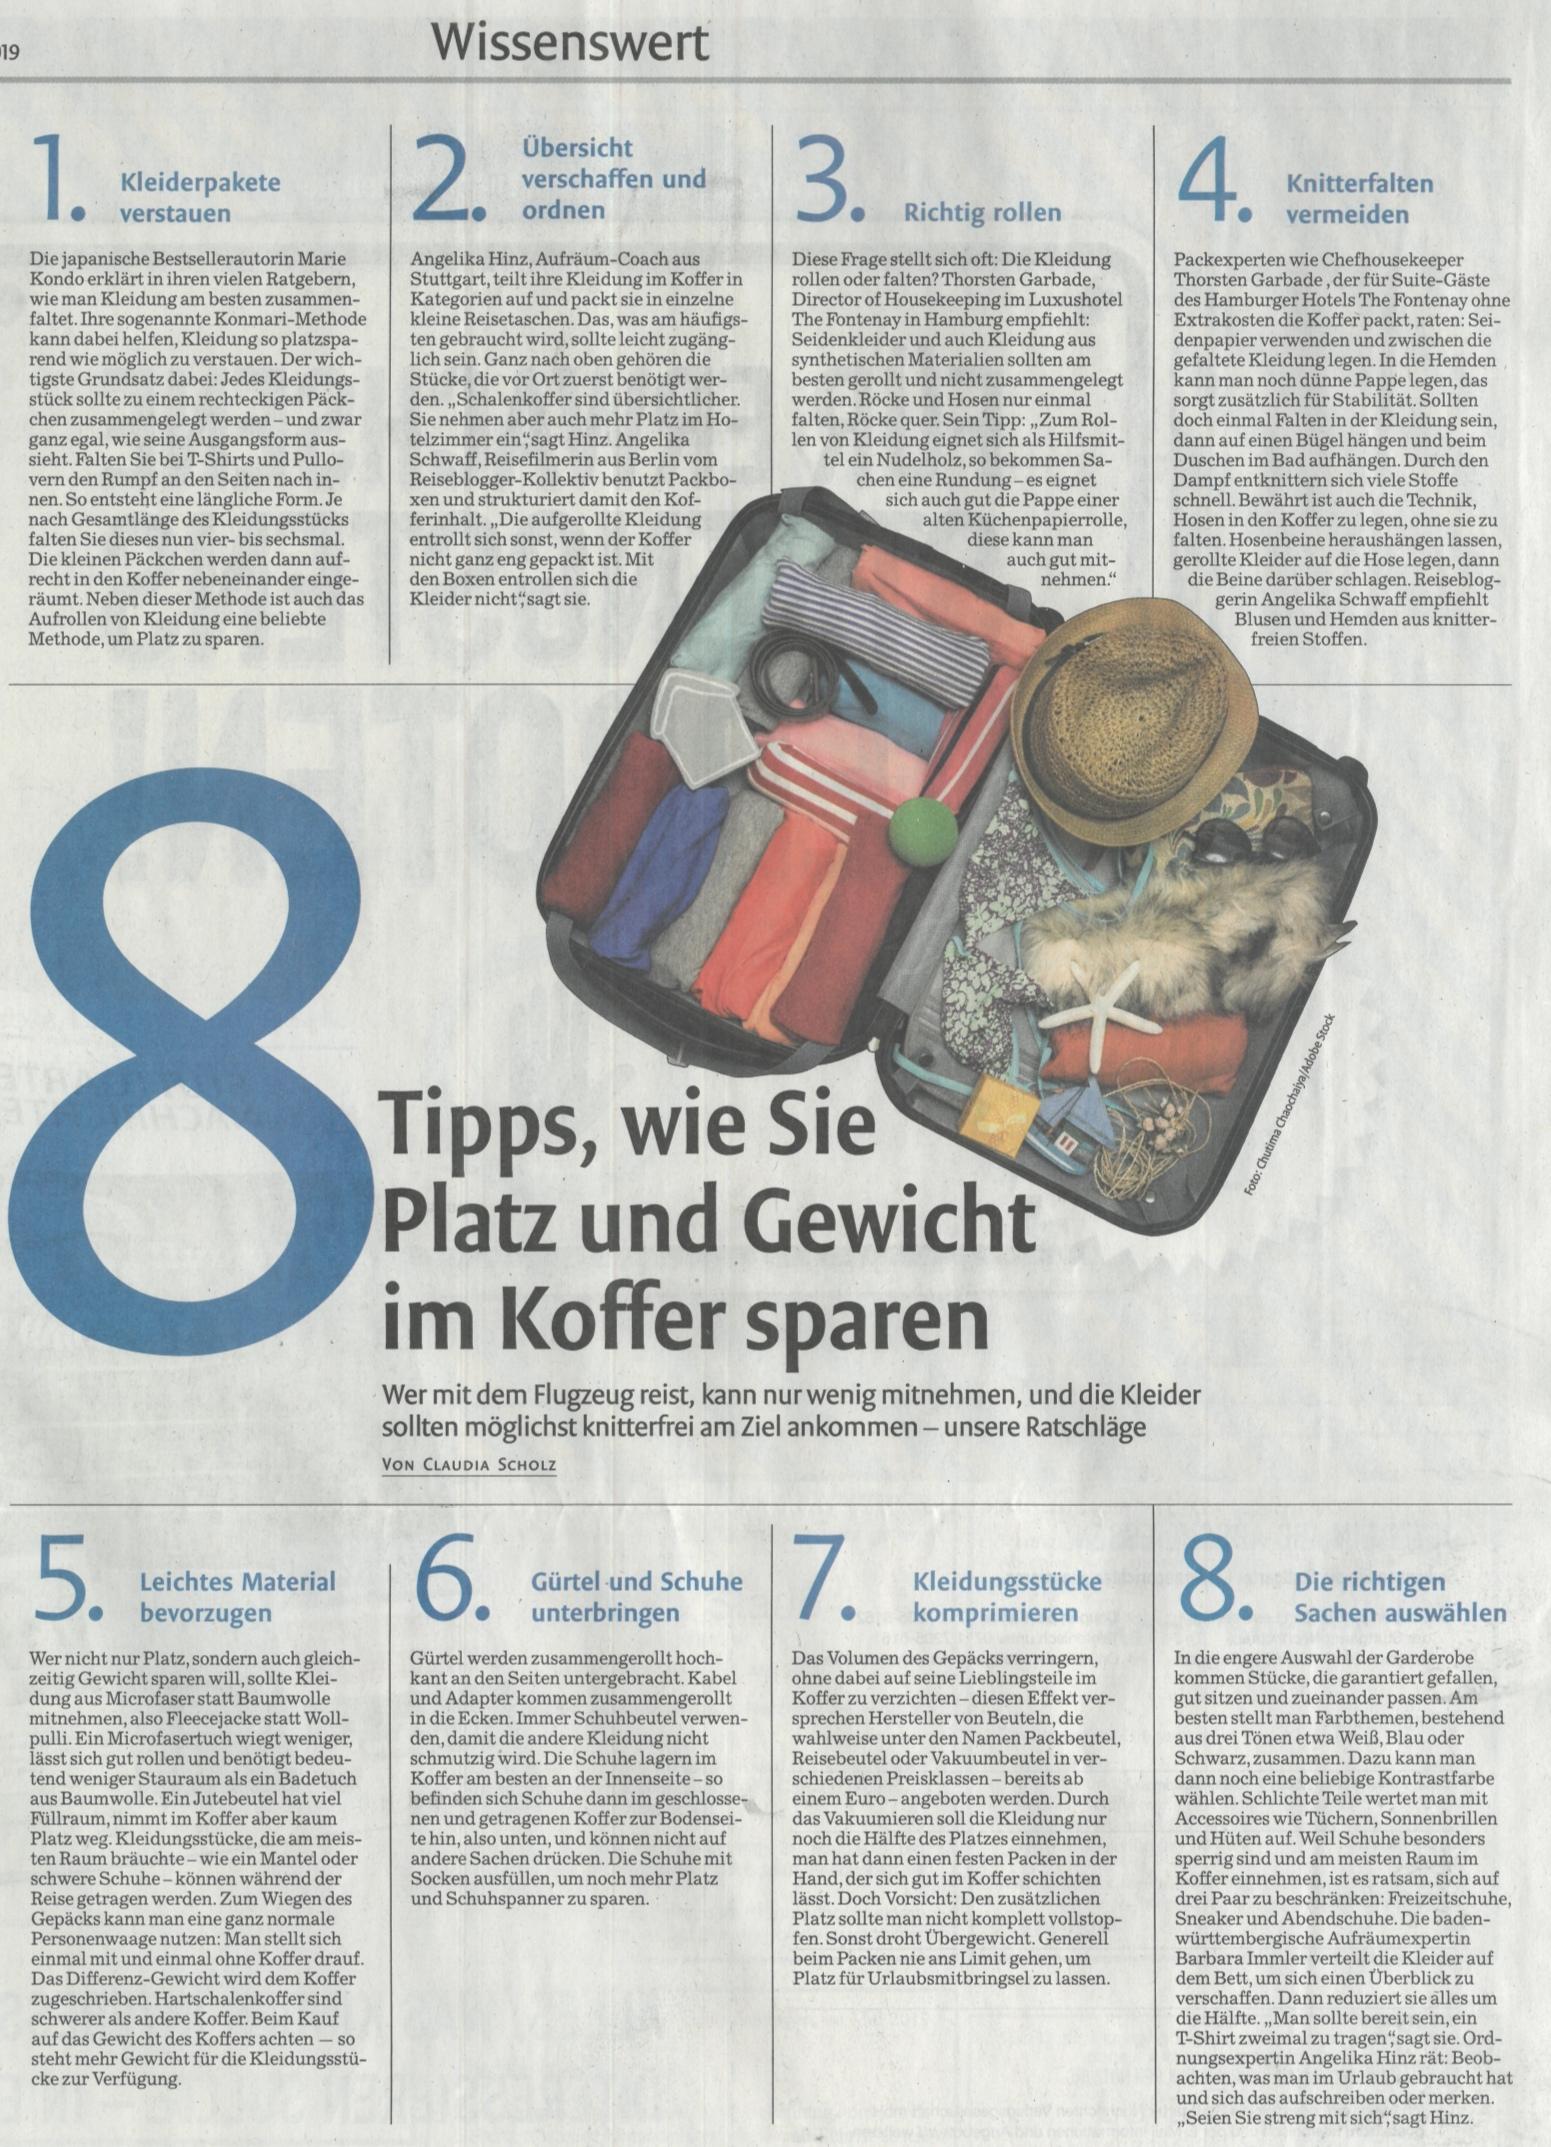 Zeitungsartikel_AngelikaHinz_StuttgarterNachrichten_Aufräumtipps_190515 (2).jpg